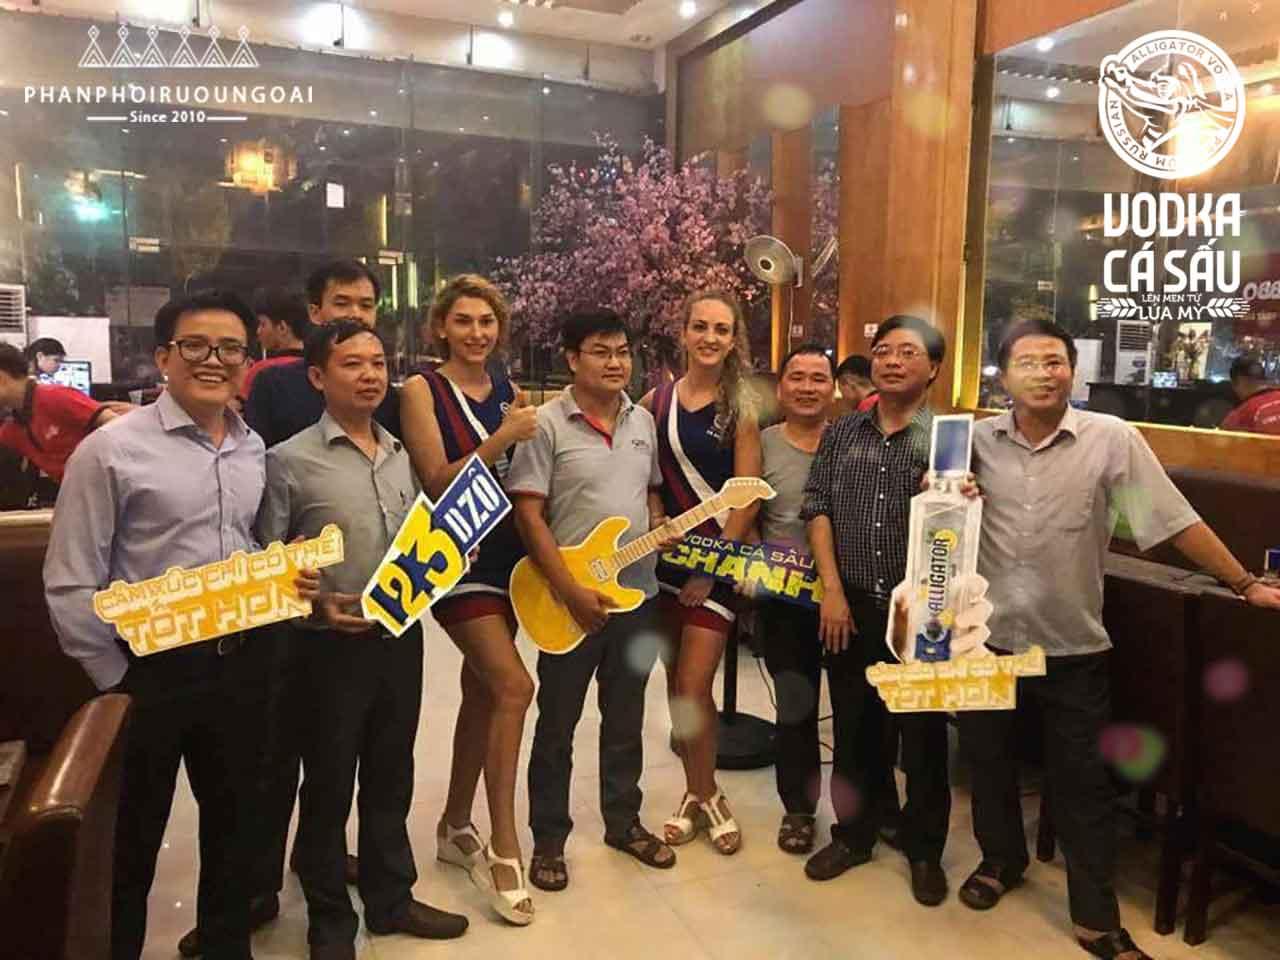 Khách hàng và đội ngũ PG Vodka Cá Sấu Chanh